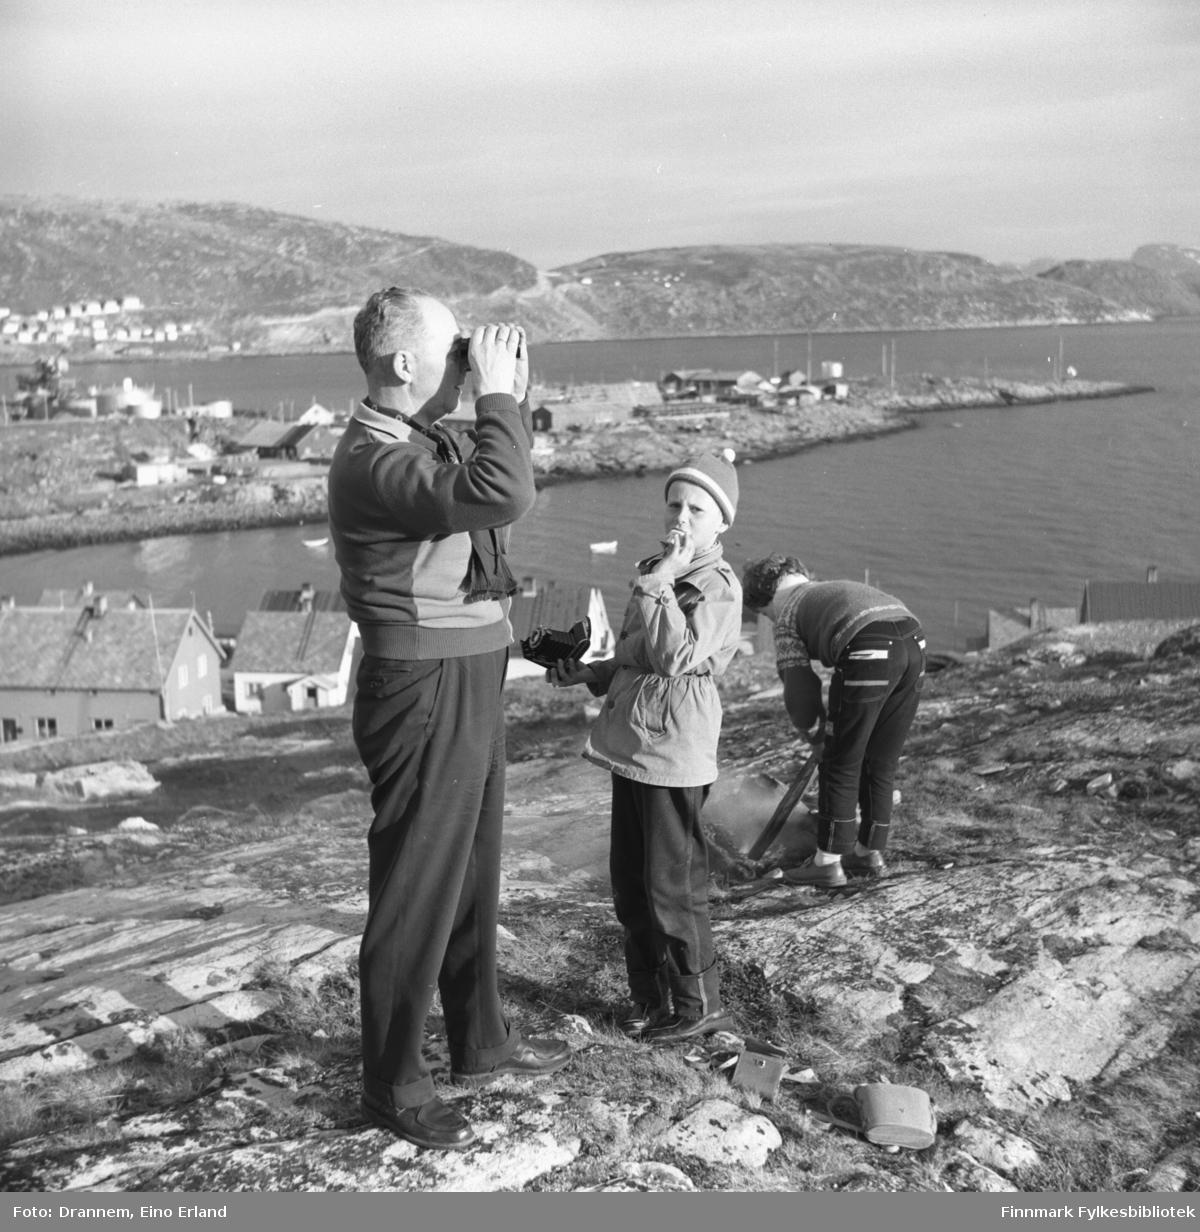 Tre personer i terrenget ovenfor Fuglenes. De er fra venstre: Olav Sørensen, Gunnar Sørensen og Turid Karikoski. Fuglenesodden stikker ut i sjøen midt på bildet.  Fotografiet kan være tatt på St Hansaften.